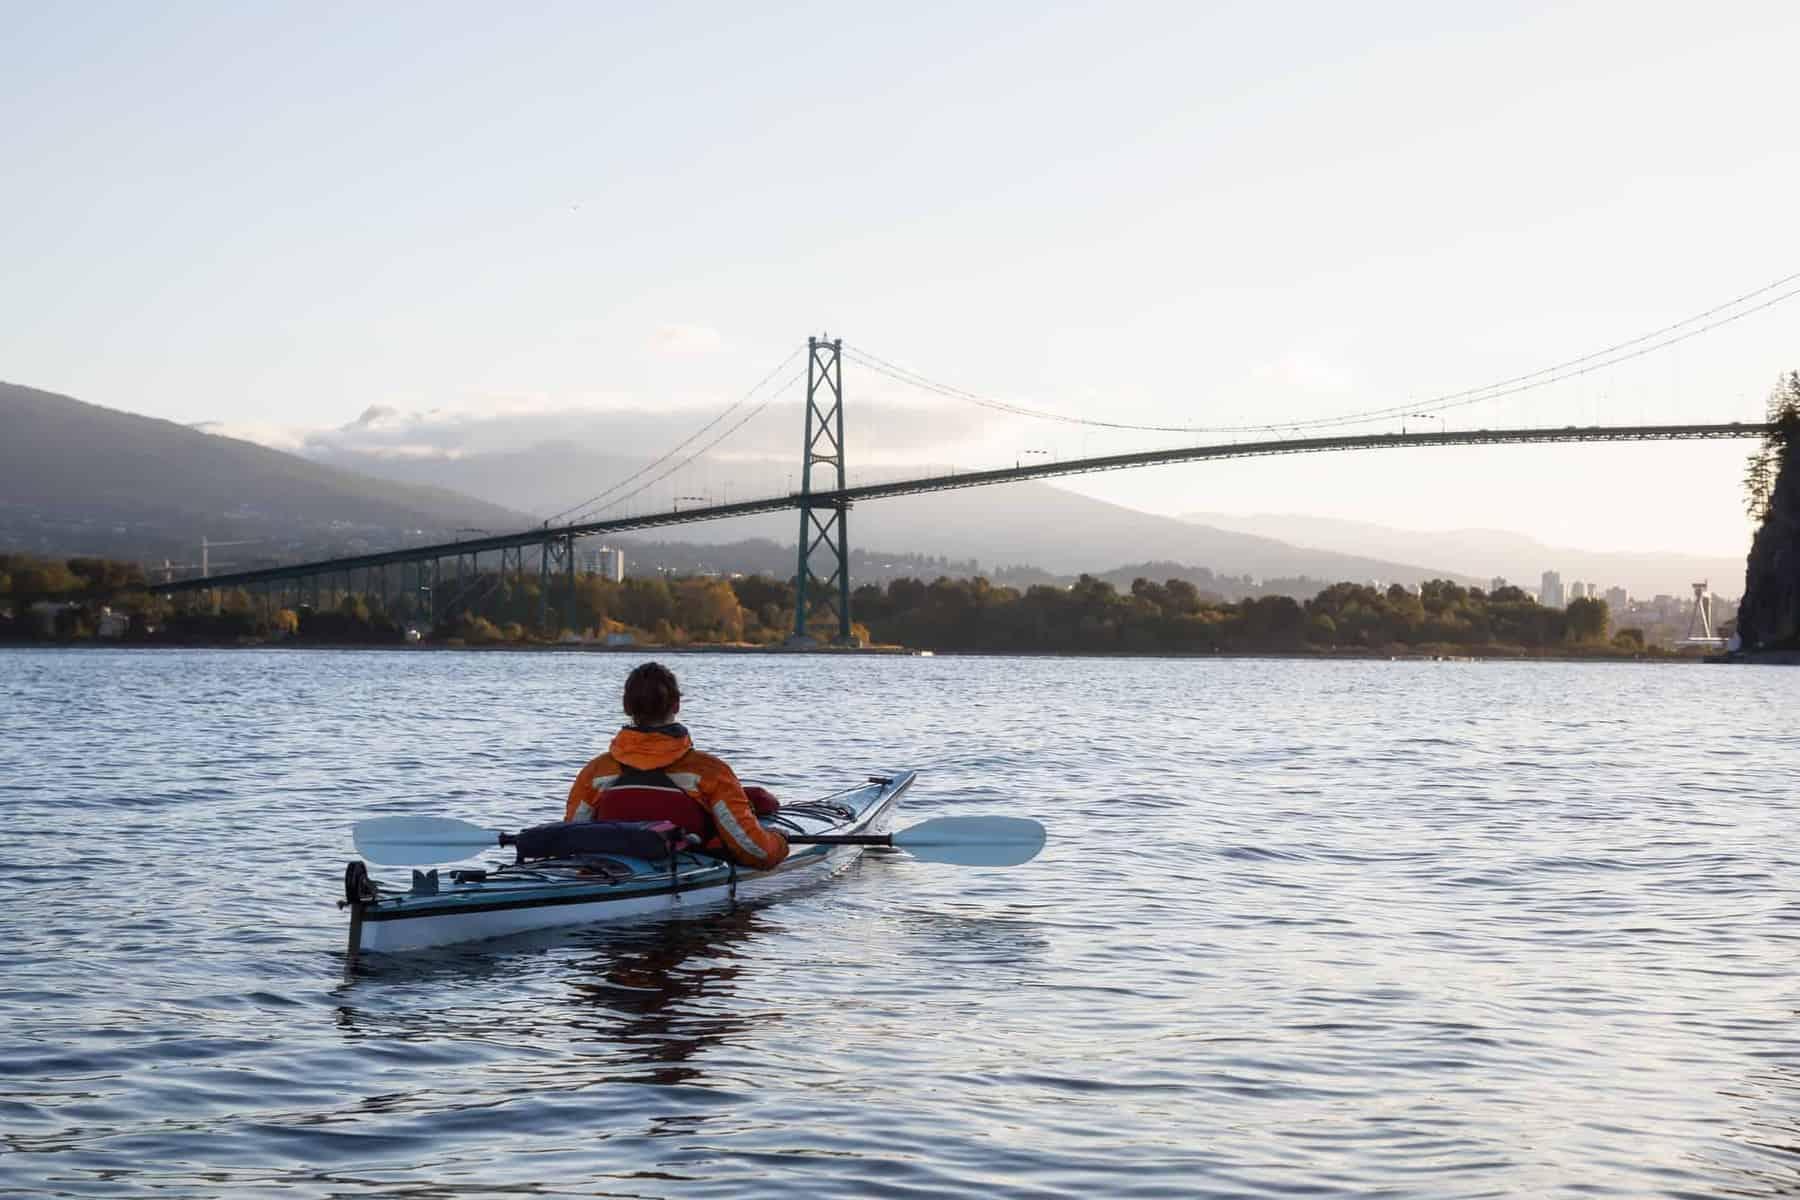 sea kayaking with a kayak rudder